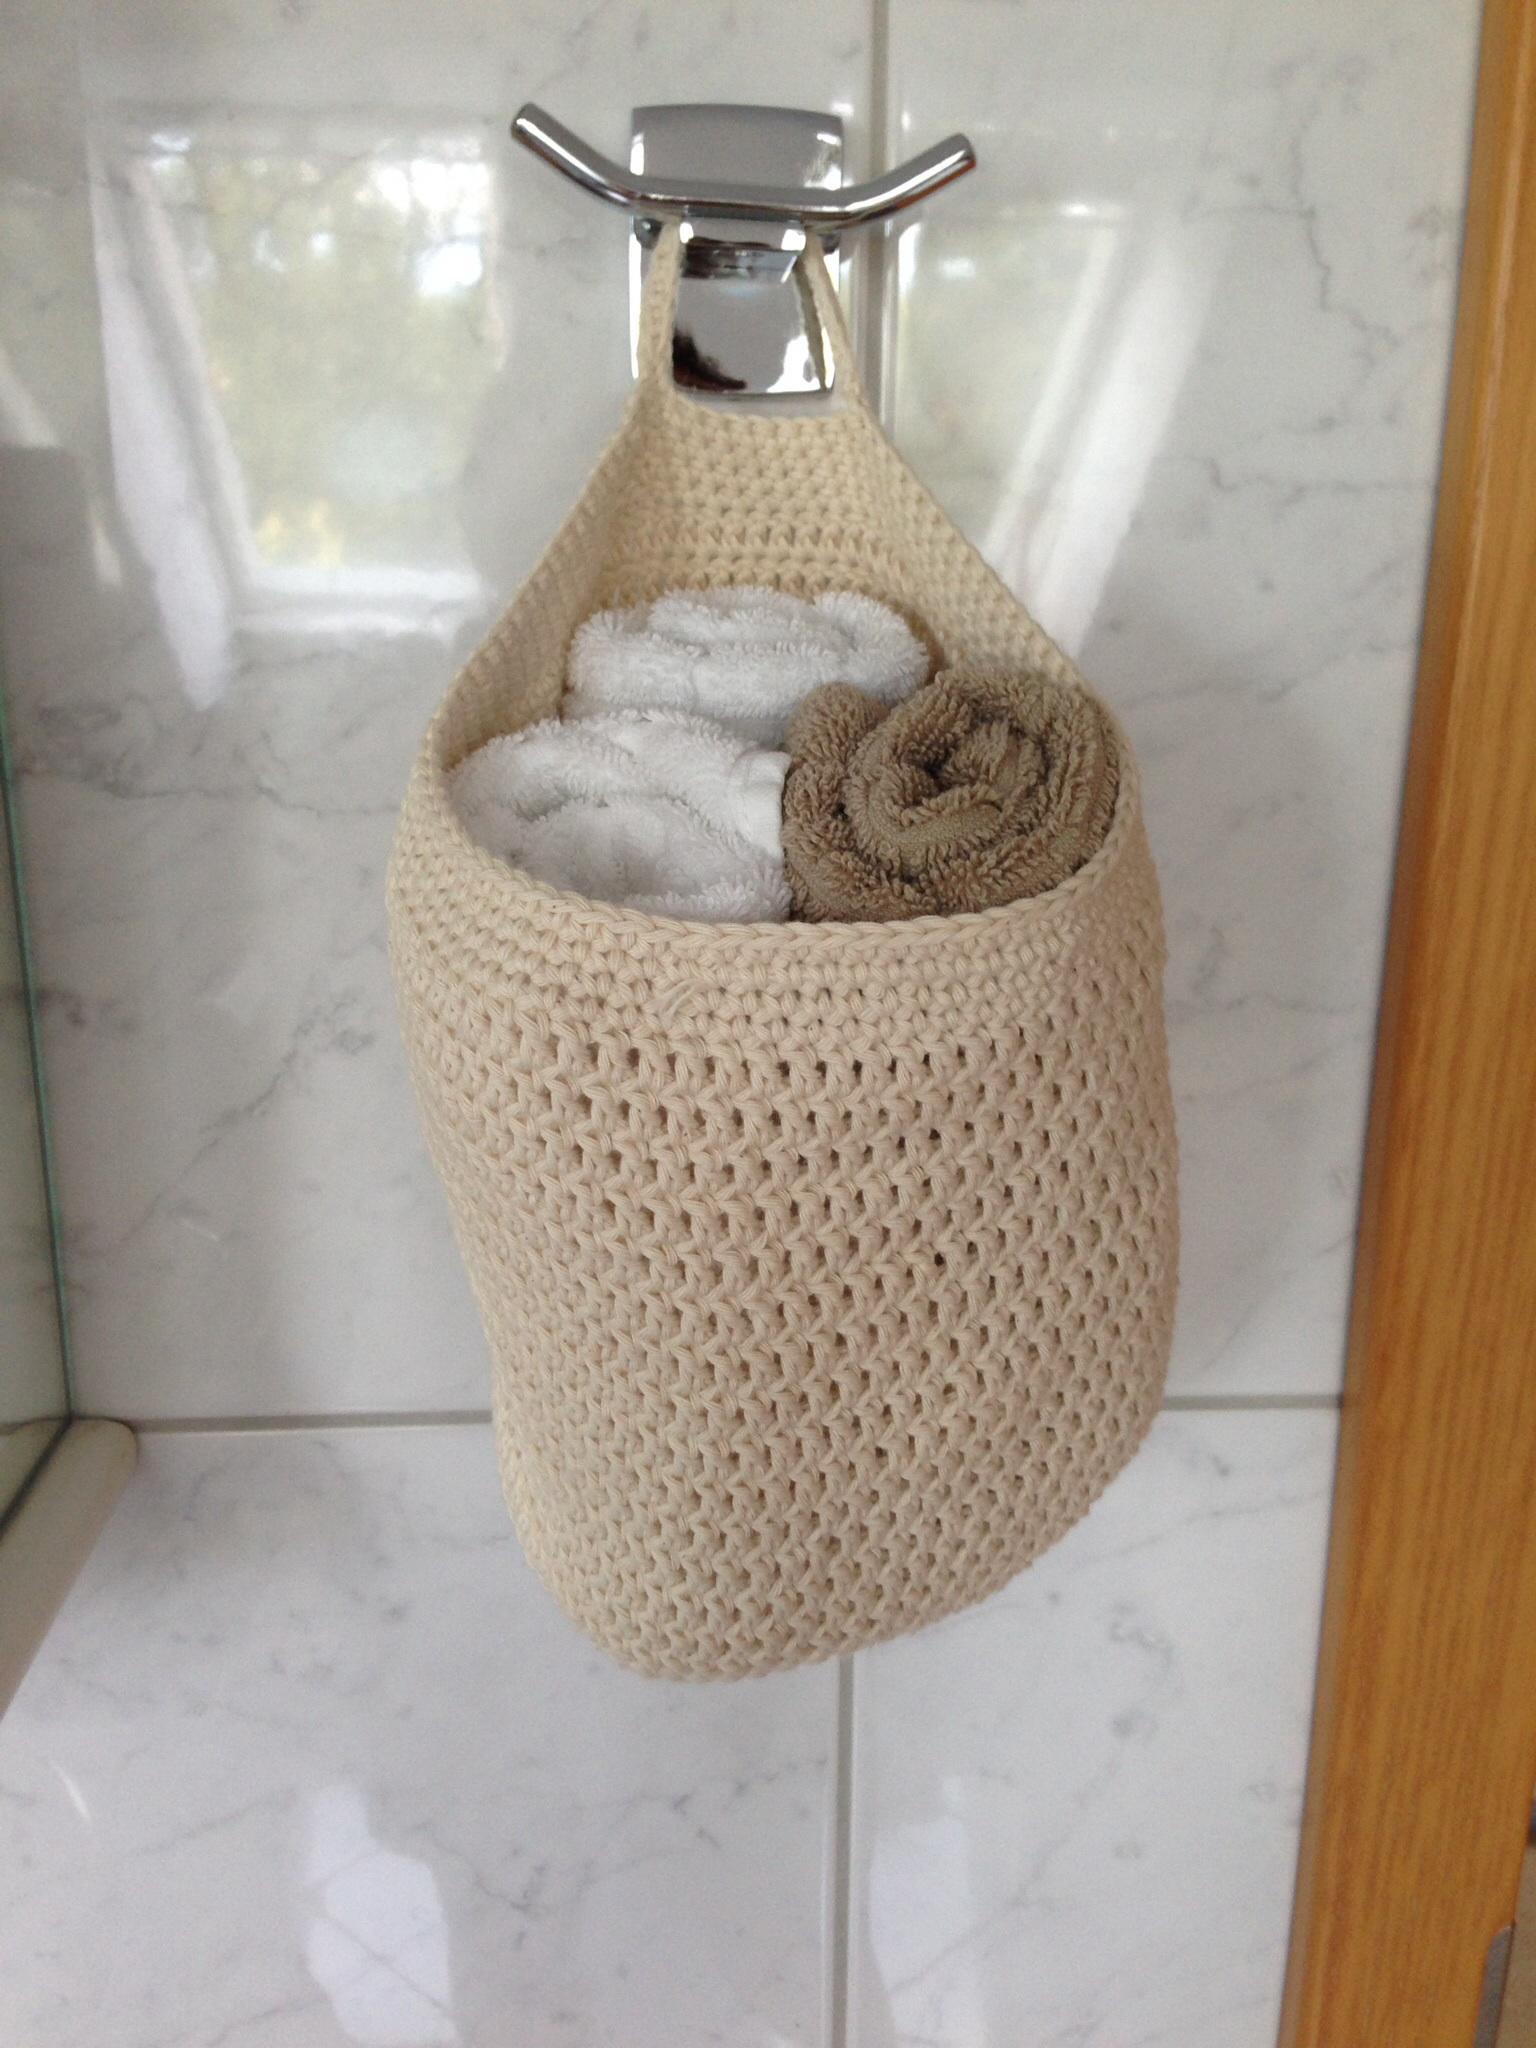 Korb Für Gästehandtücher utensilo für s bad die küche das kinderzimmer den hobbyraum